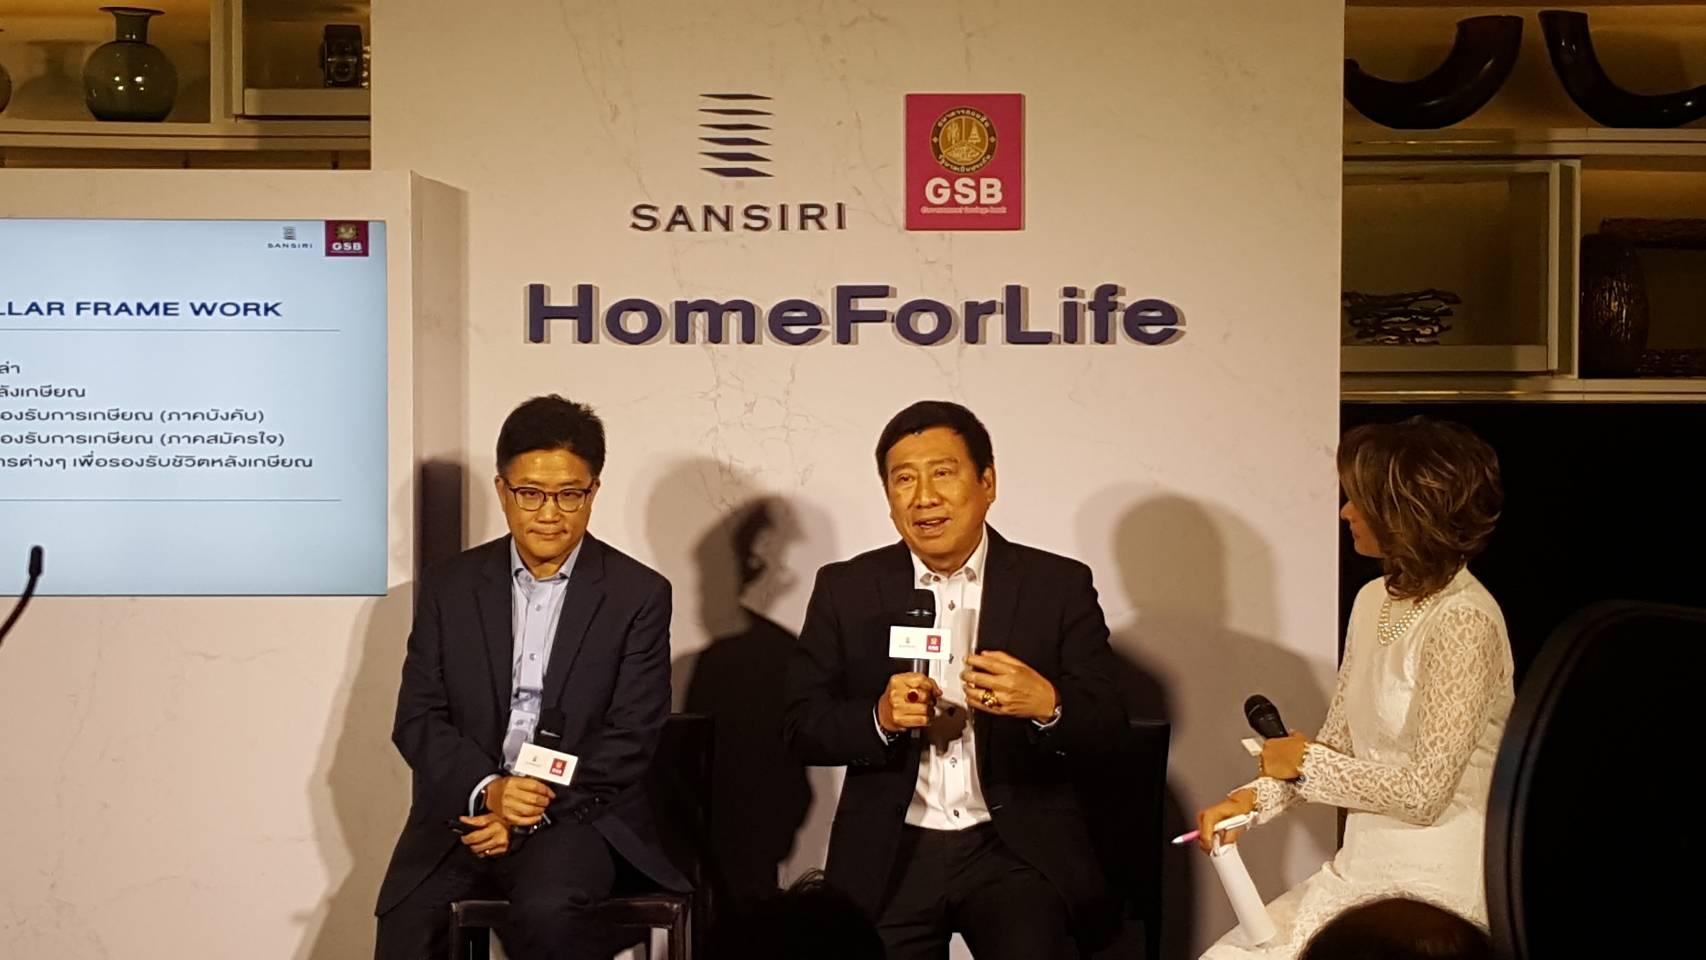 HomeForLife Reverse Mortgage ธนาคารออมสิน สินเชื่อที่อยู่อาศัยรูปแบบใหม่ แสนสิริ